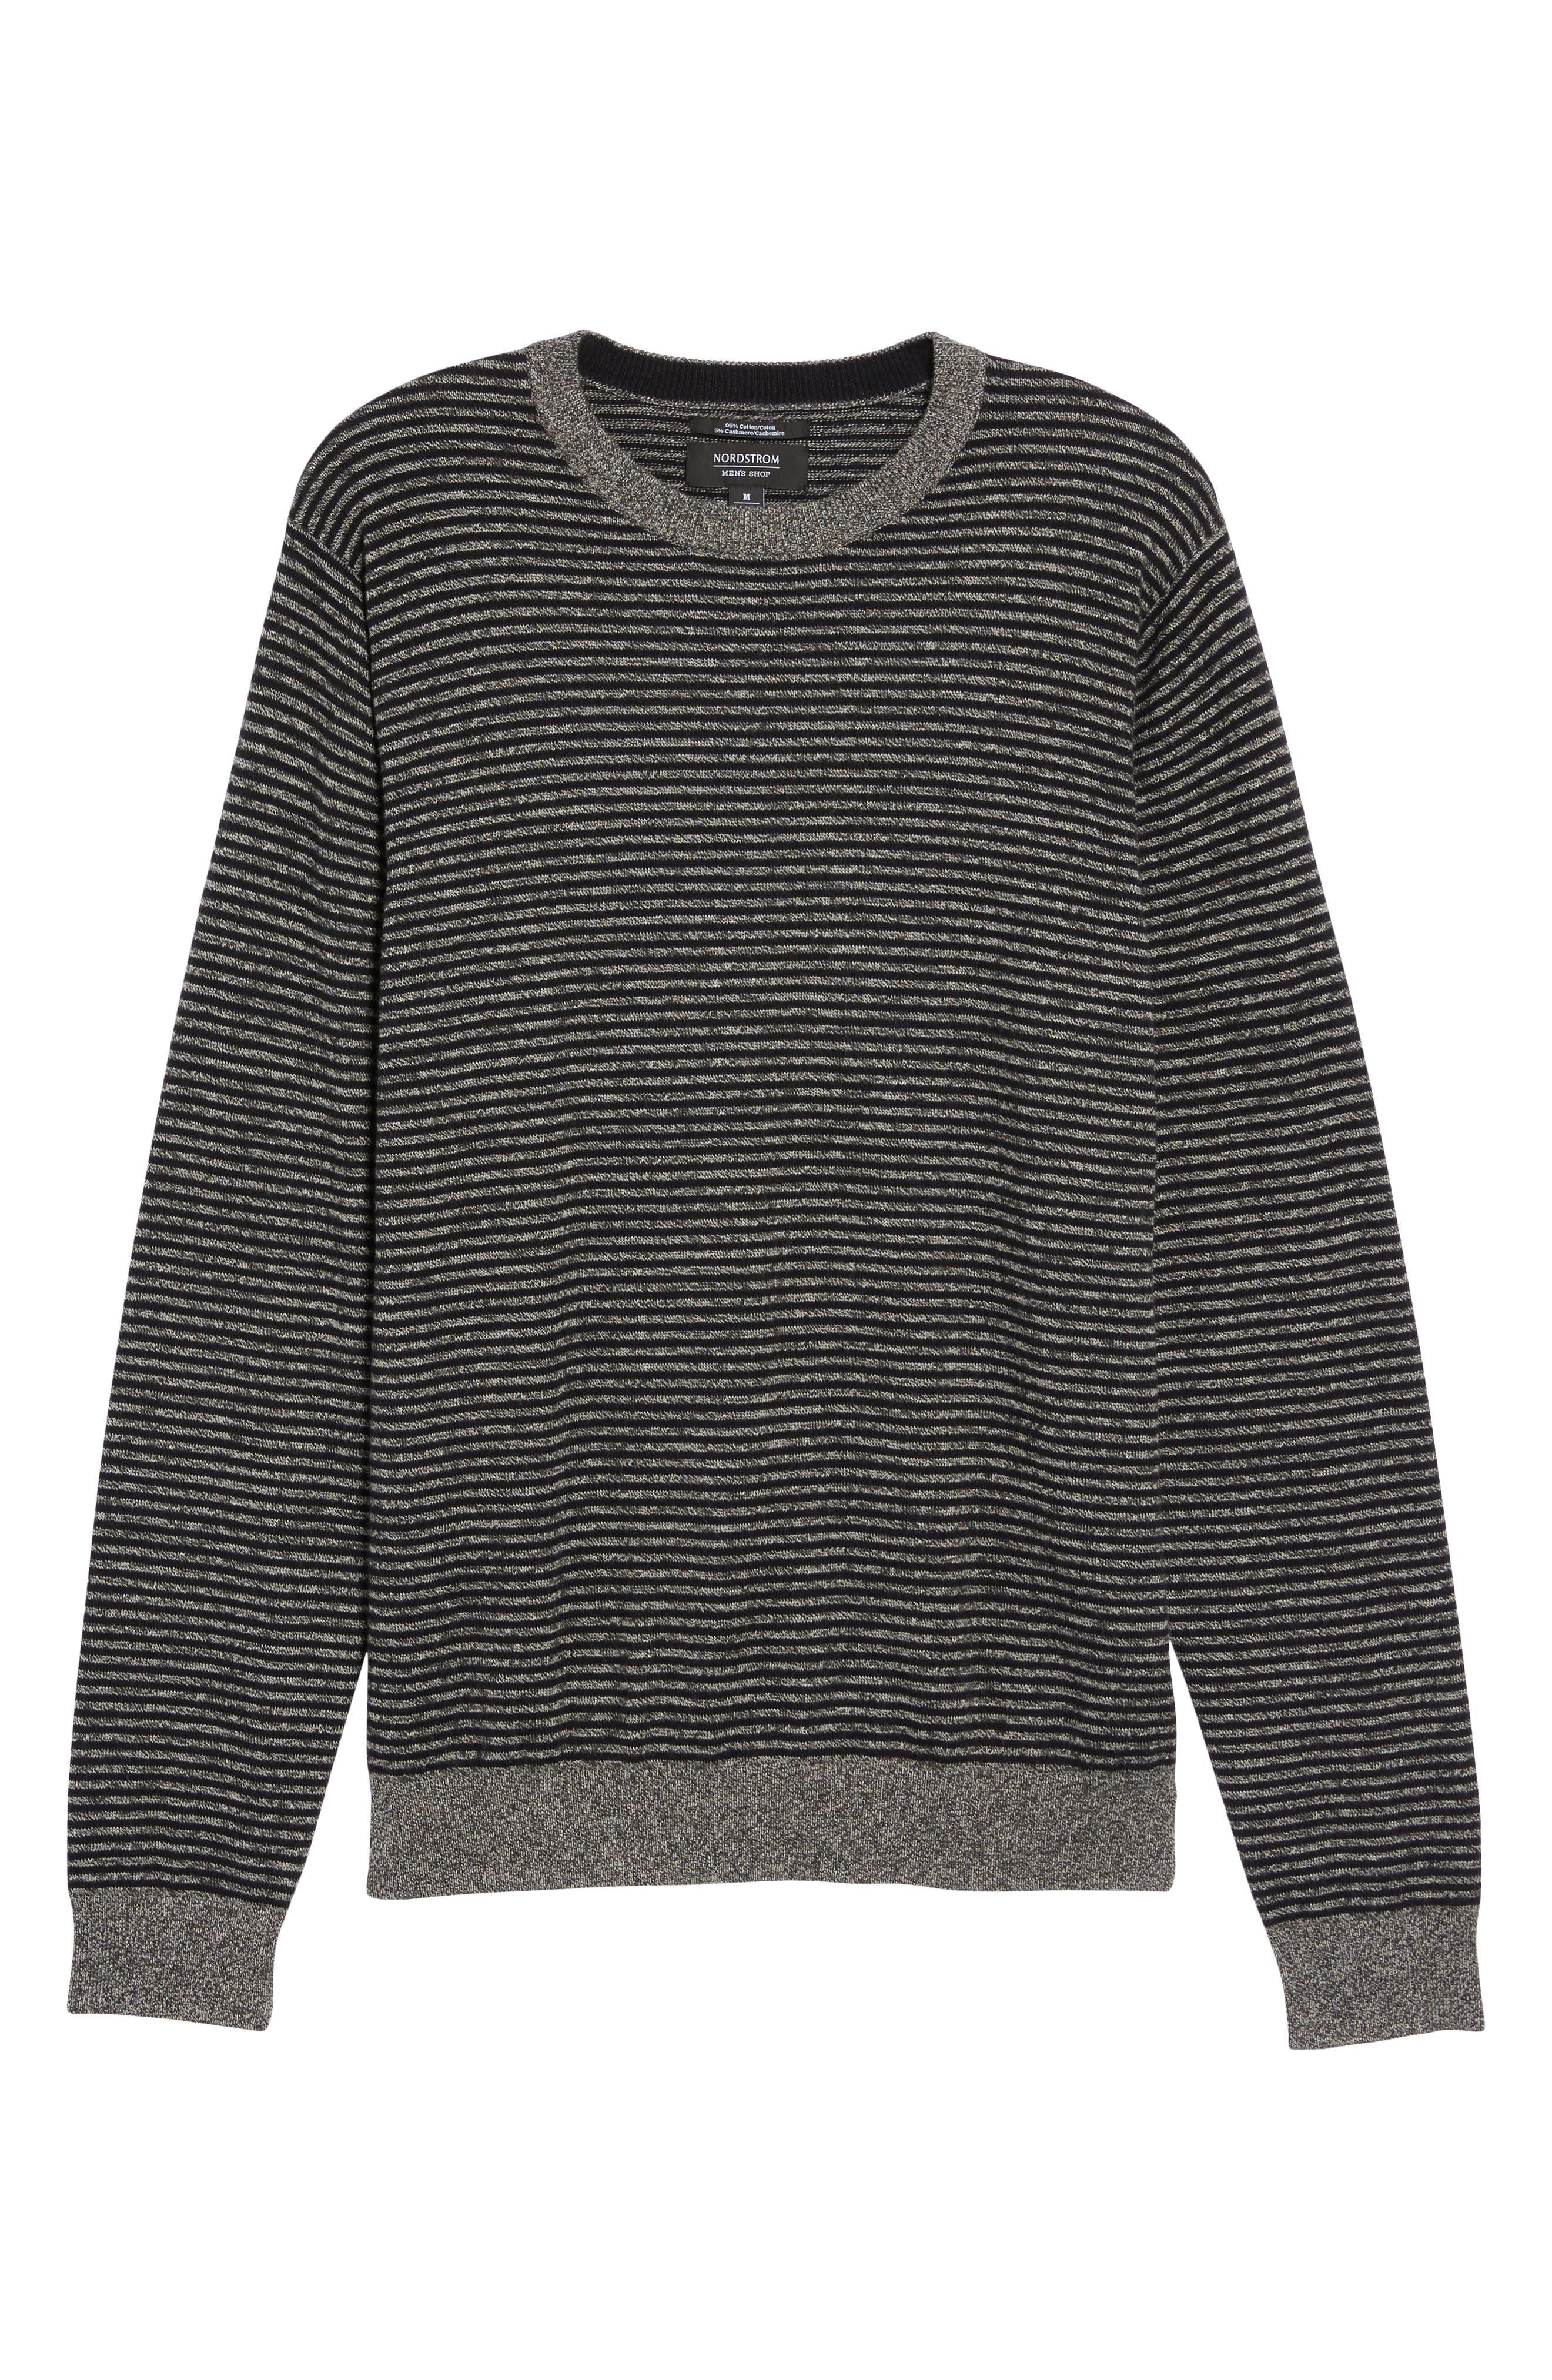 Stripe Cotton & Cashmere Crewneck Sweater,                             Alternate thumbnail 6, color,                             001